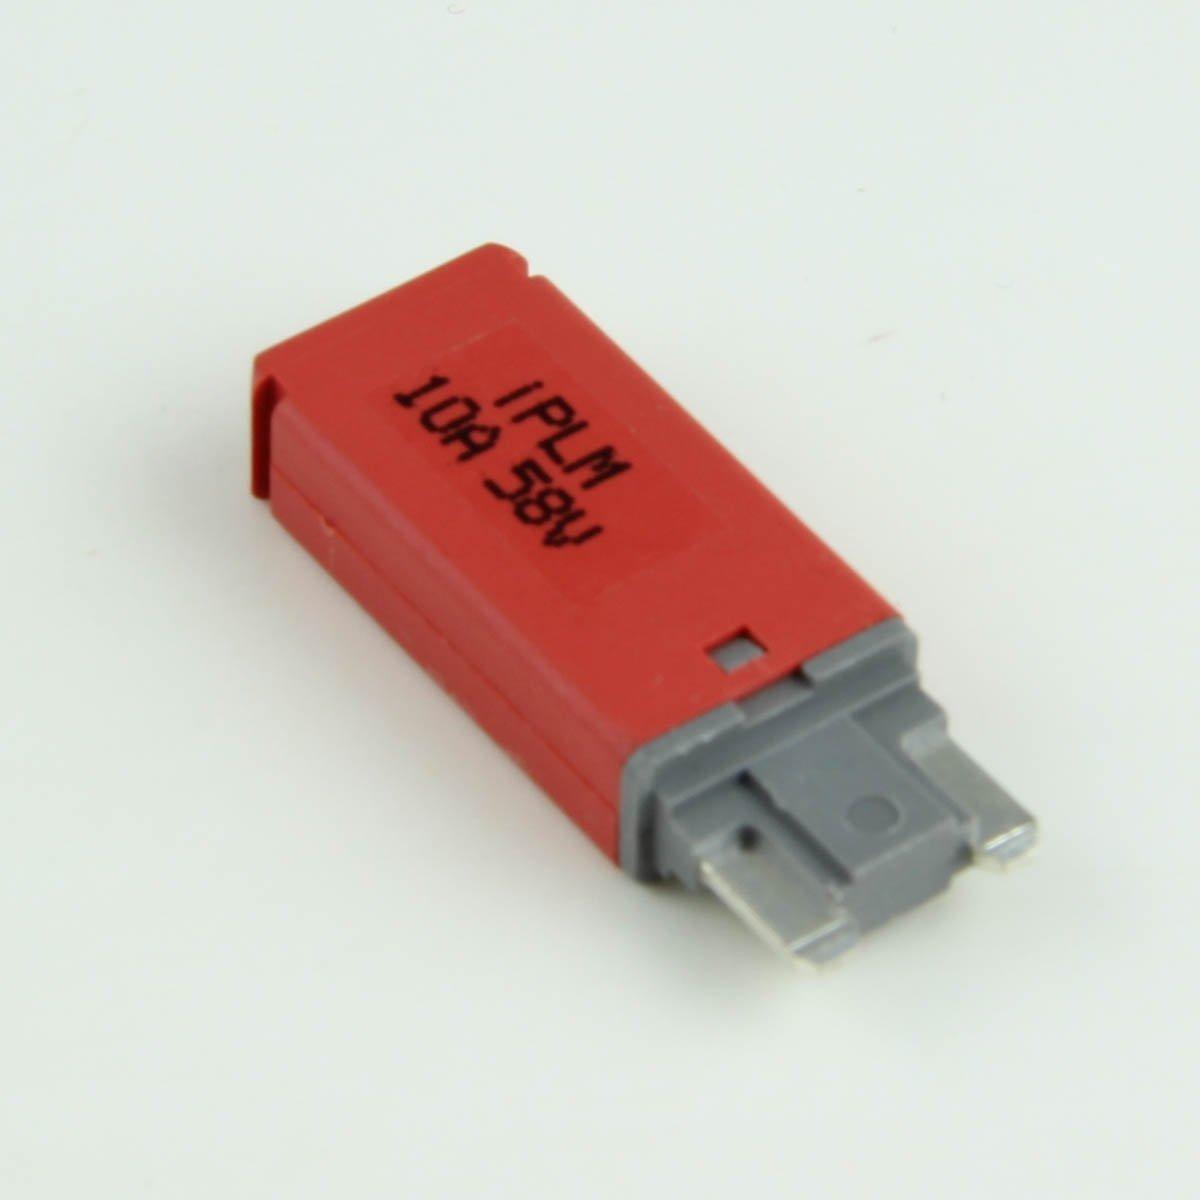 10 Amp Manual-Reset Low-Profile Mini/ATM Blade-Style Circuit Breakers (1 per pack)